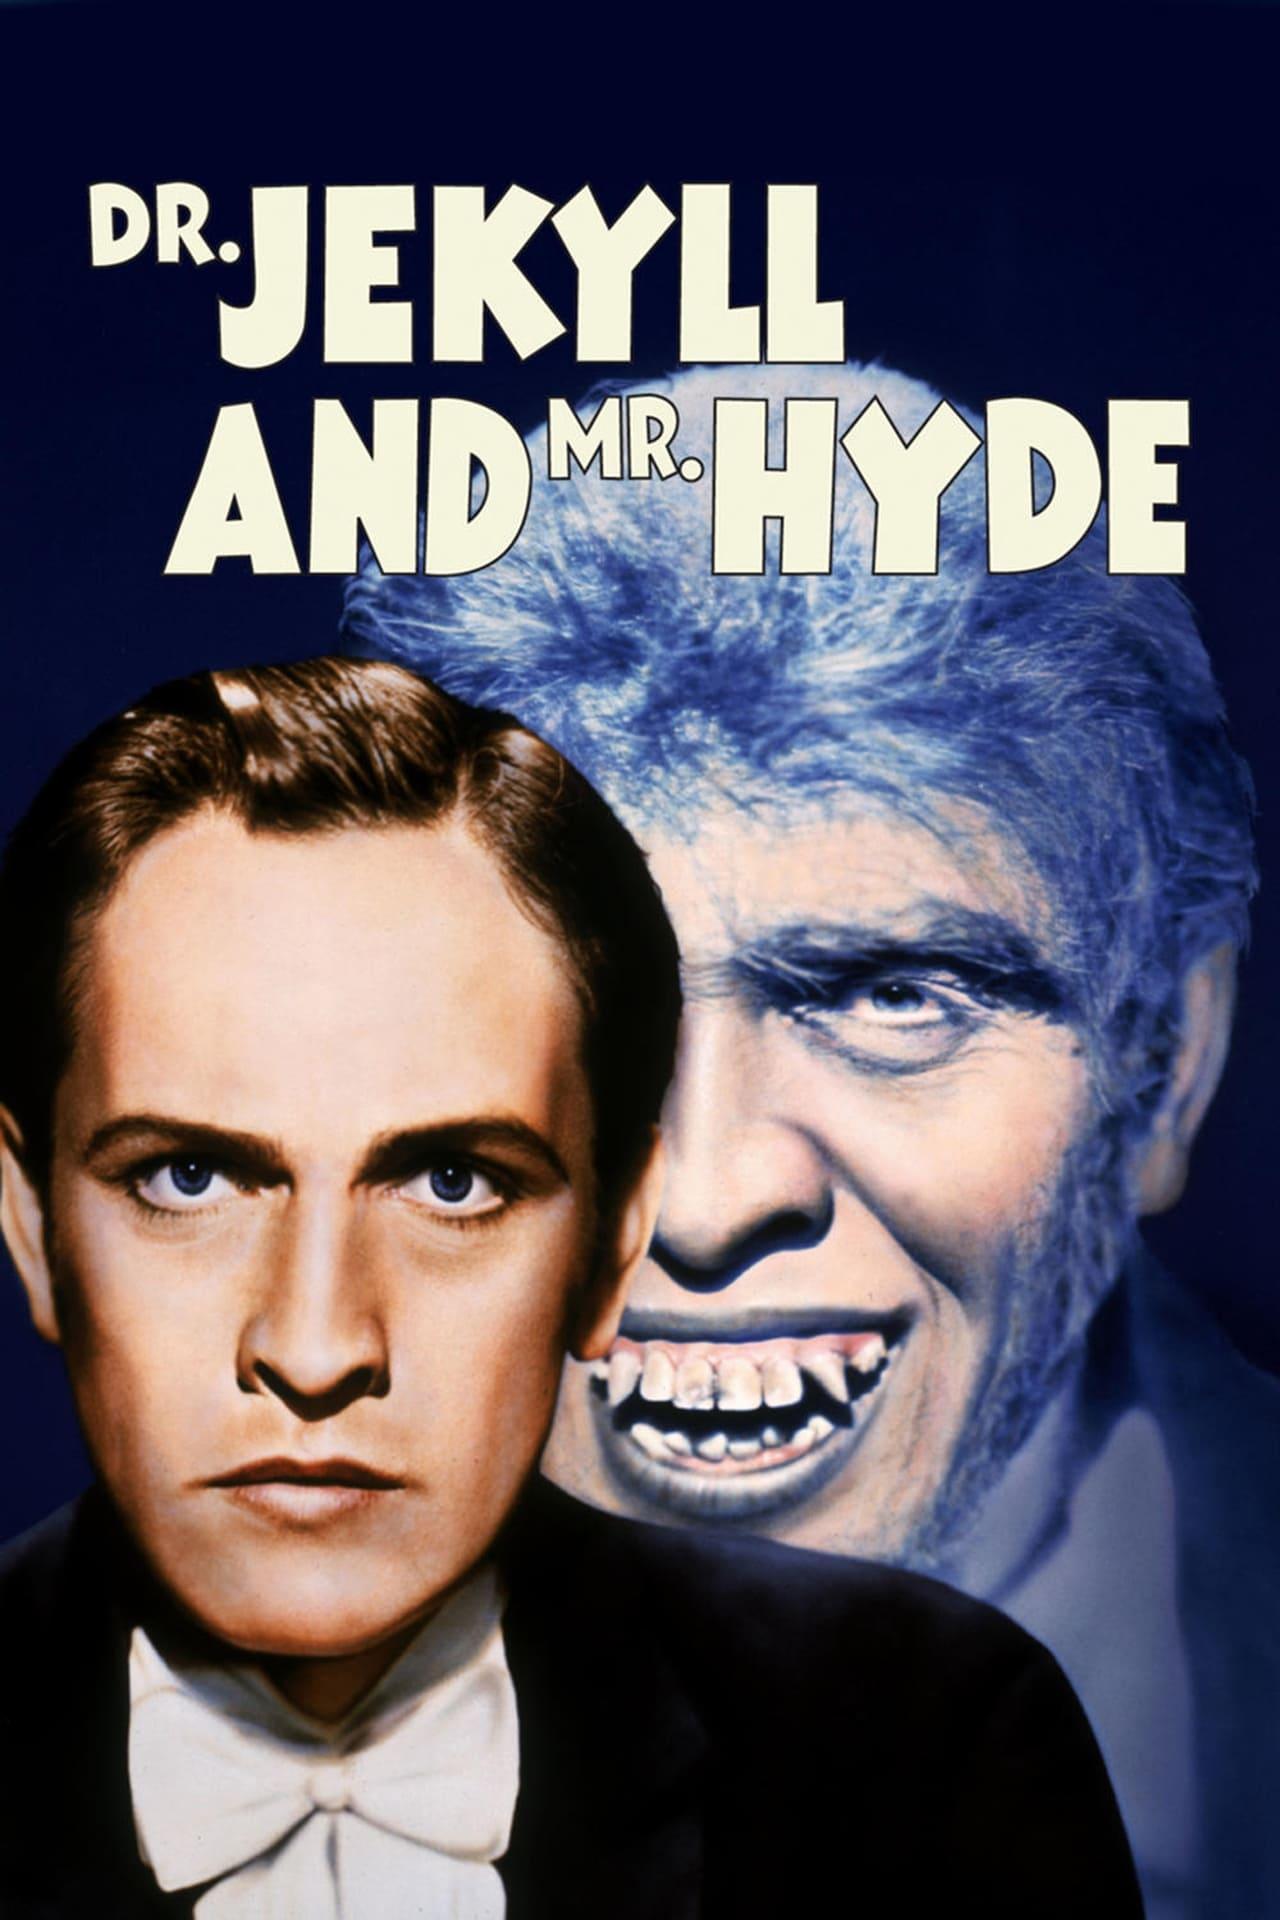 Hydeの画像 p1_31